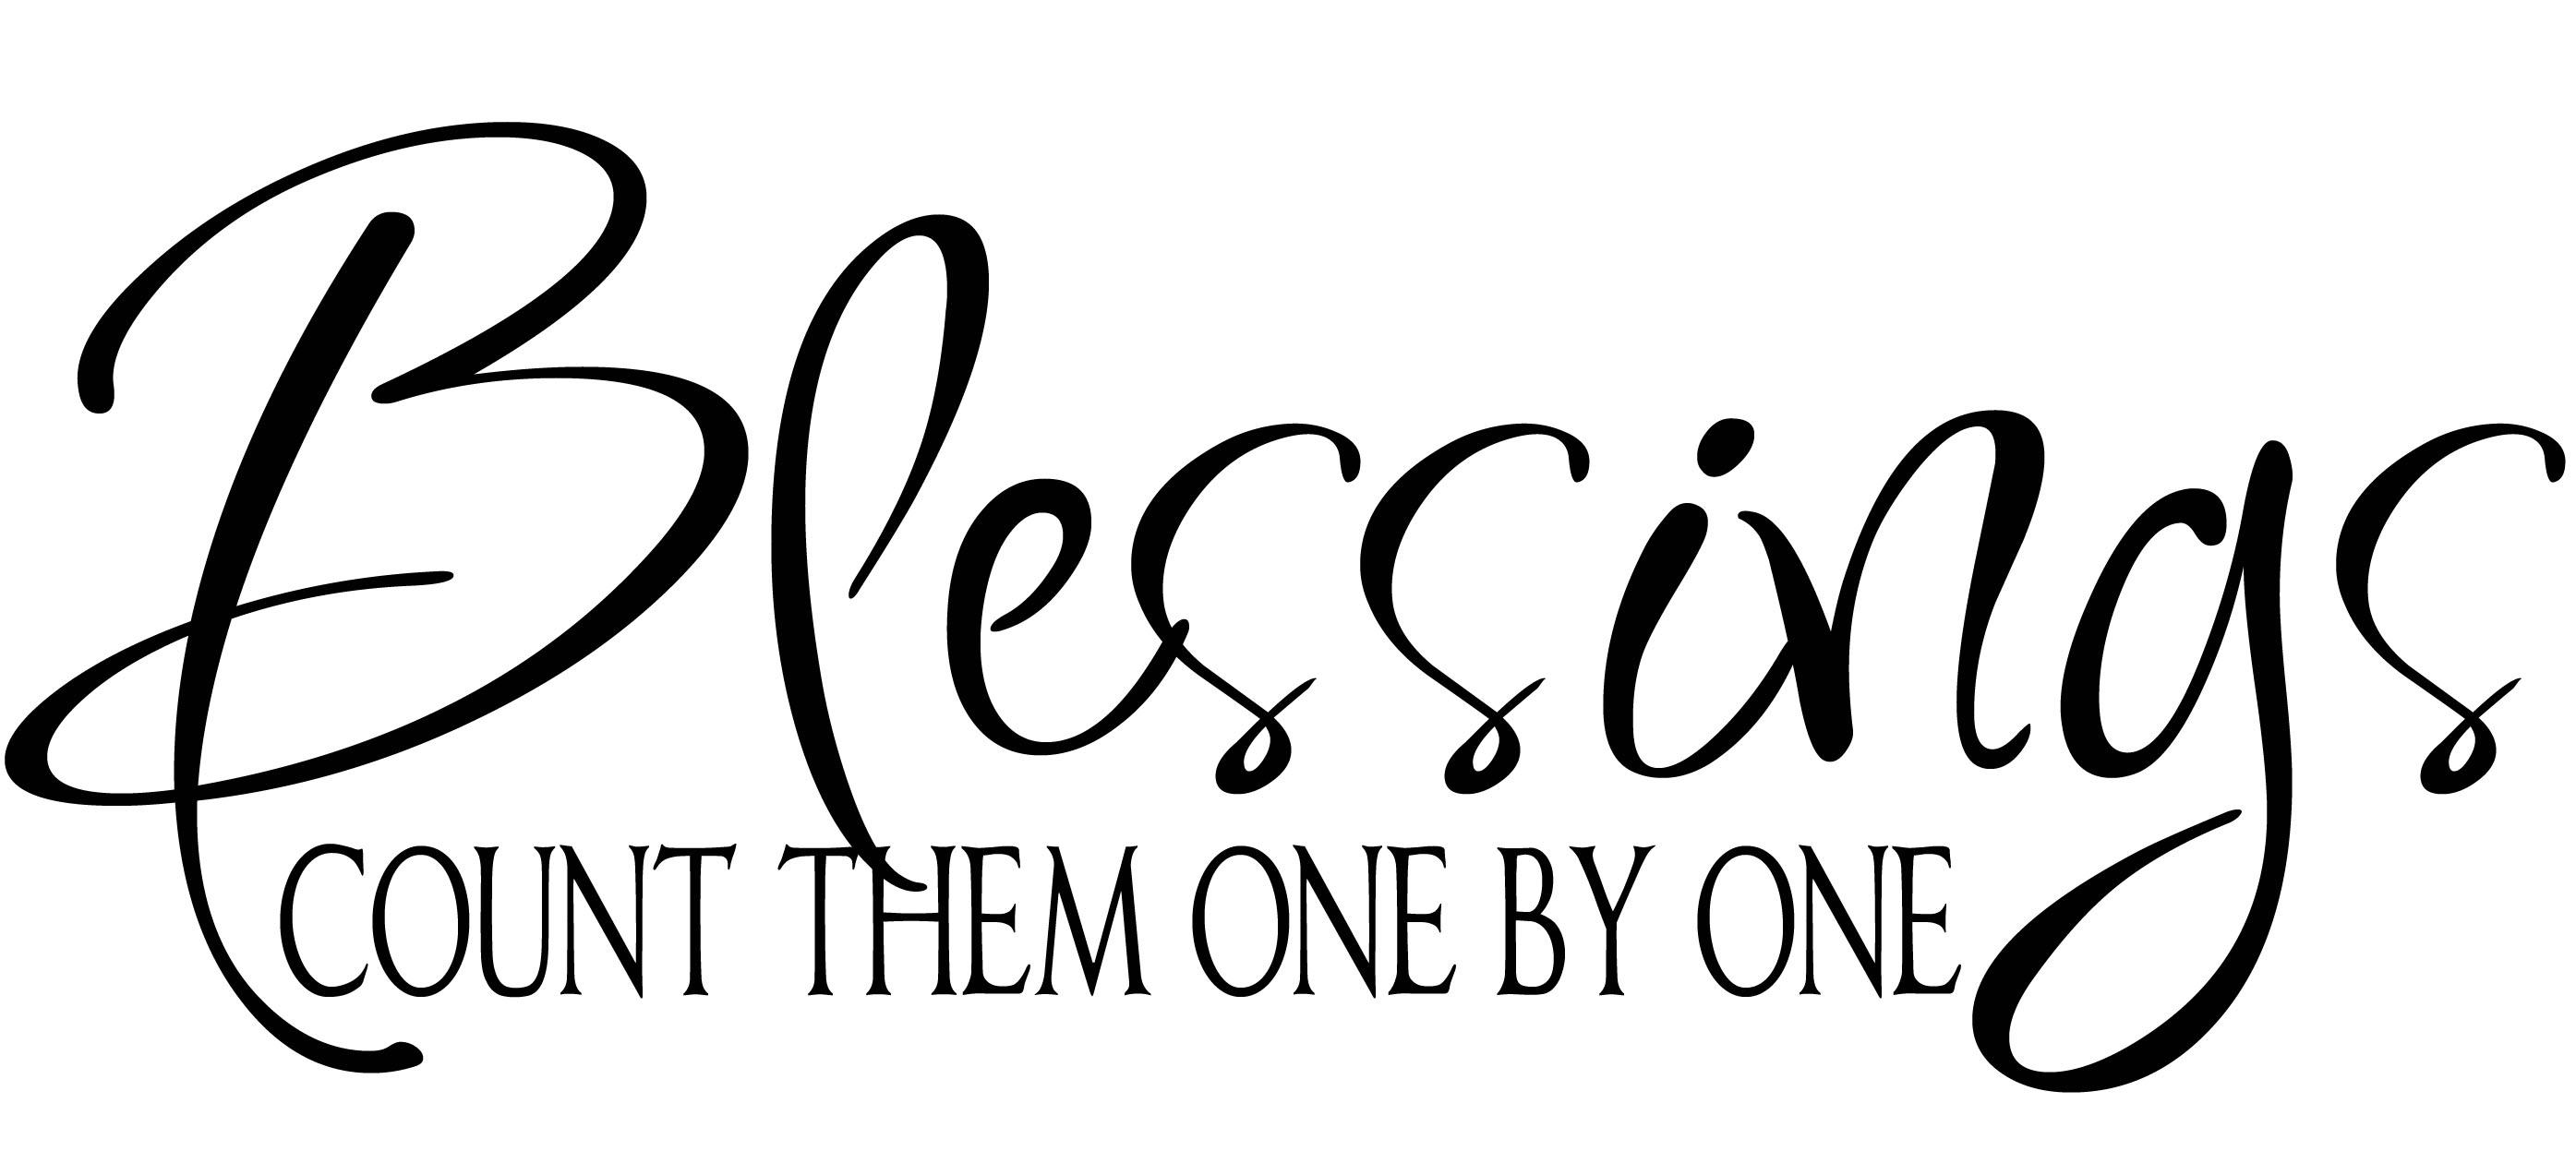 Hand Blessings